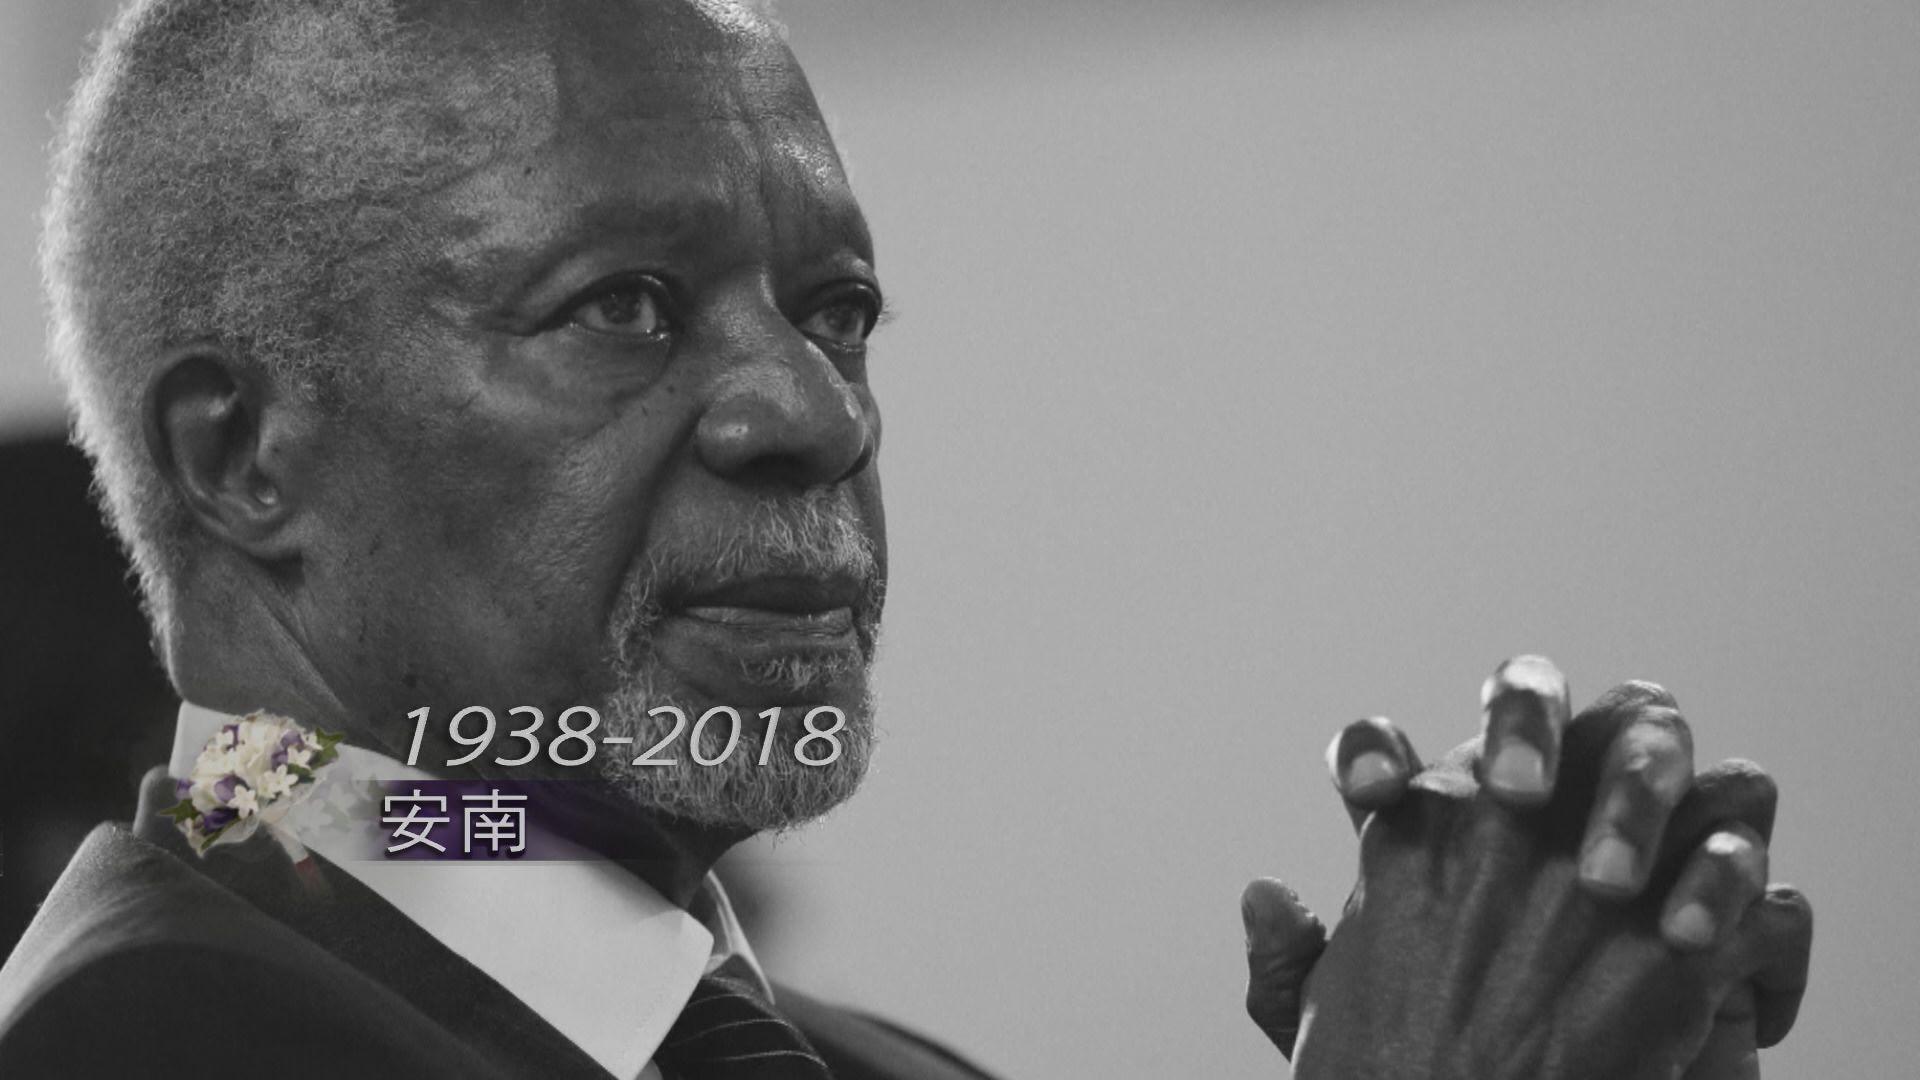 聯合國首名黑人秘書長安南逝世 享年80歲